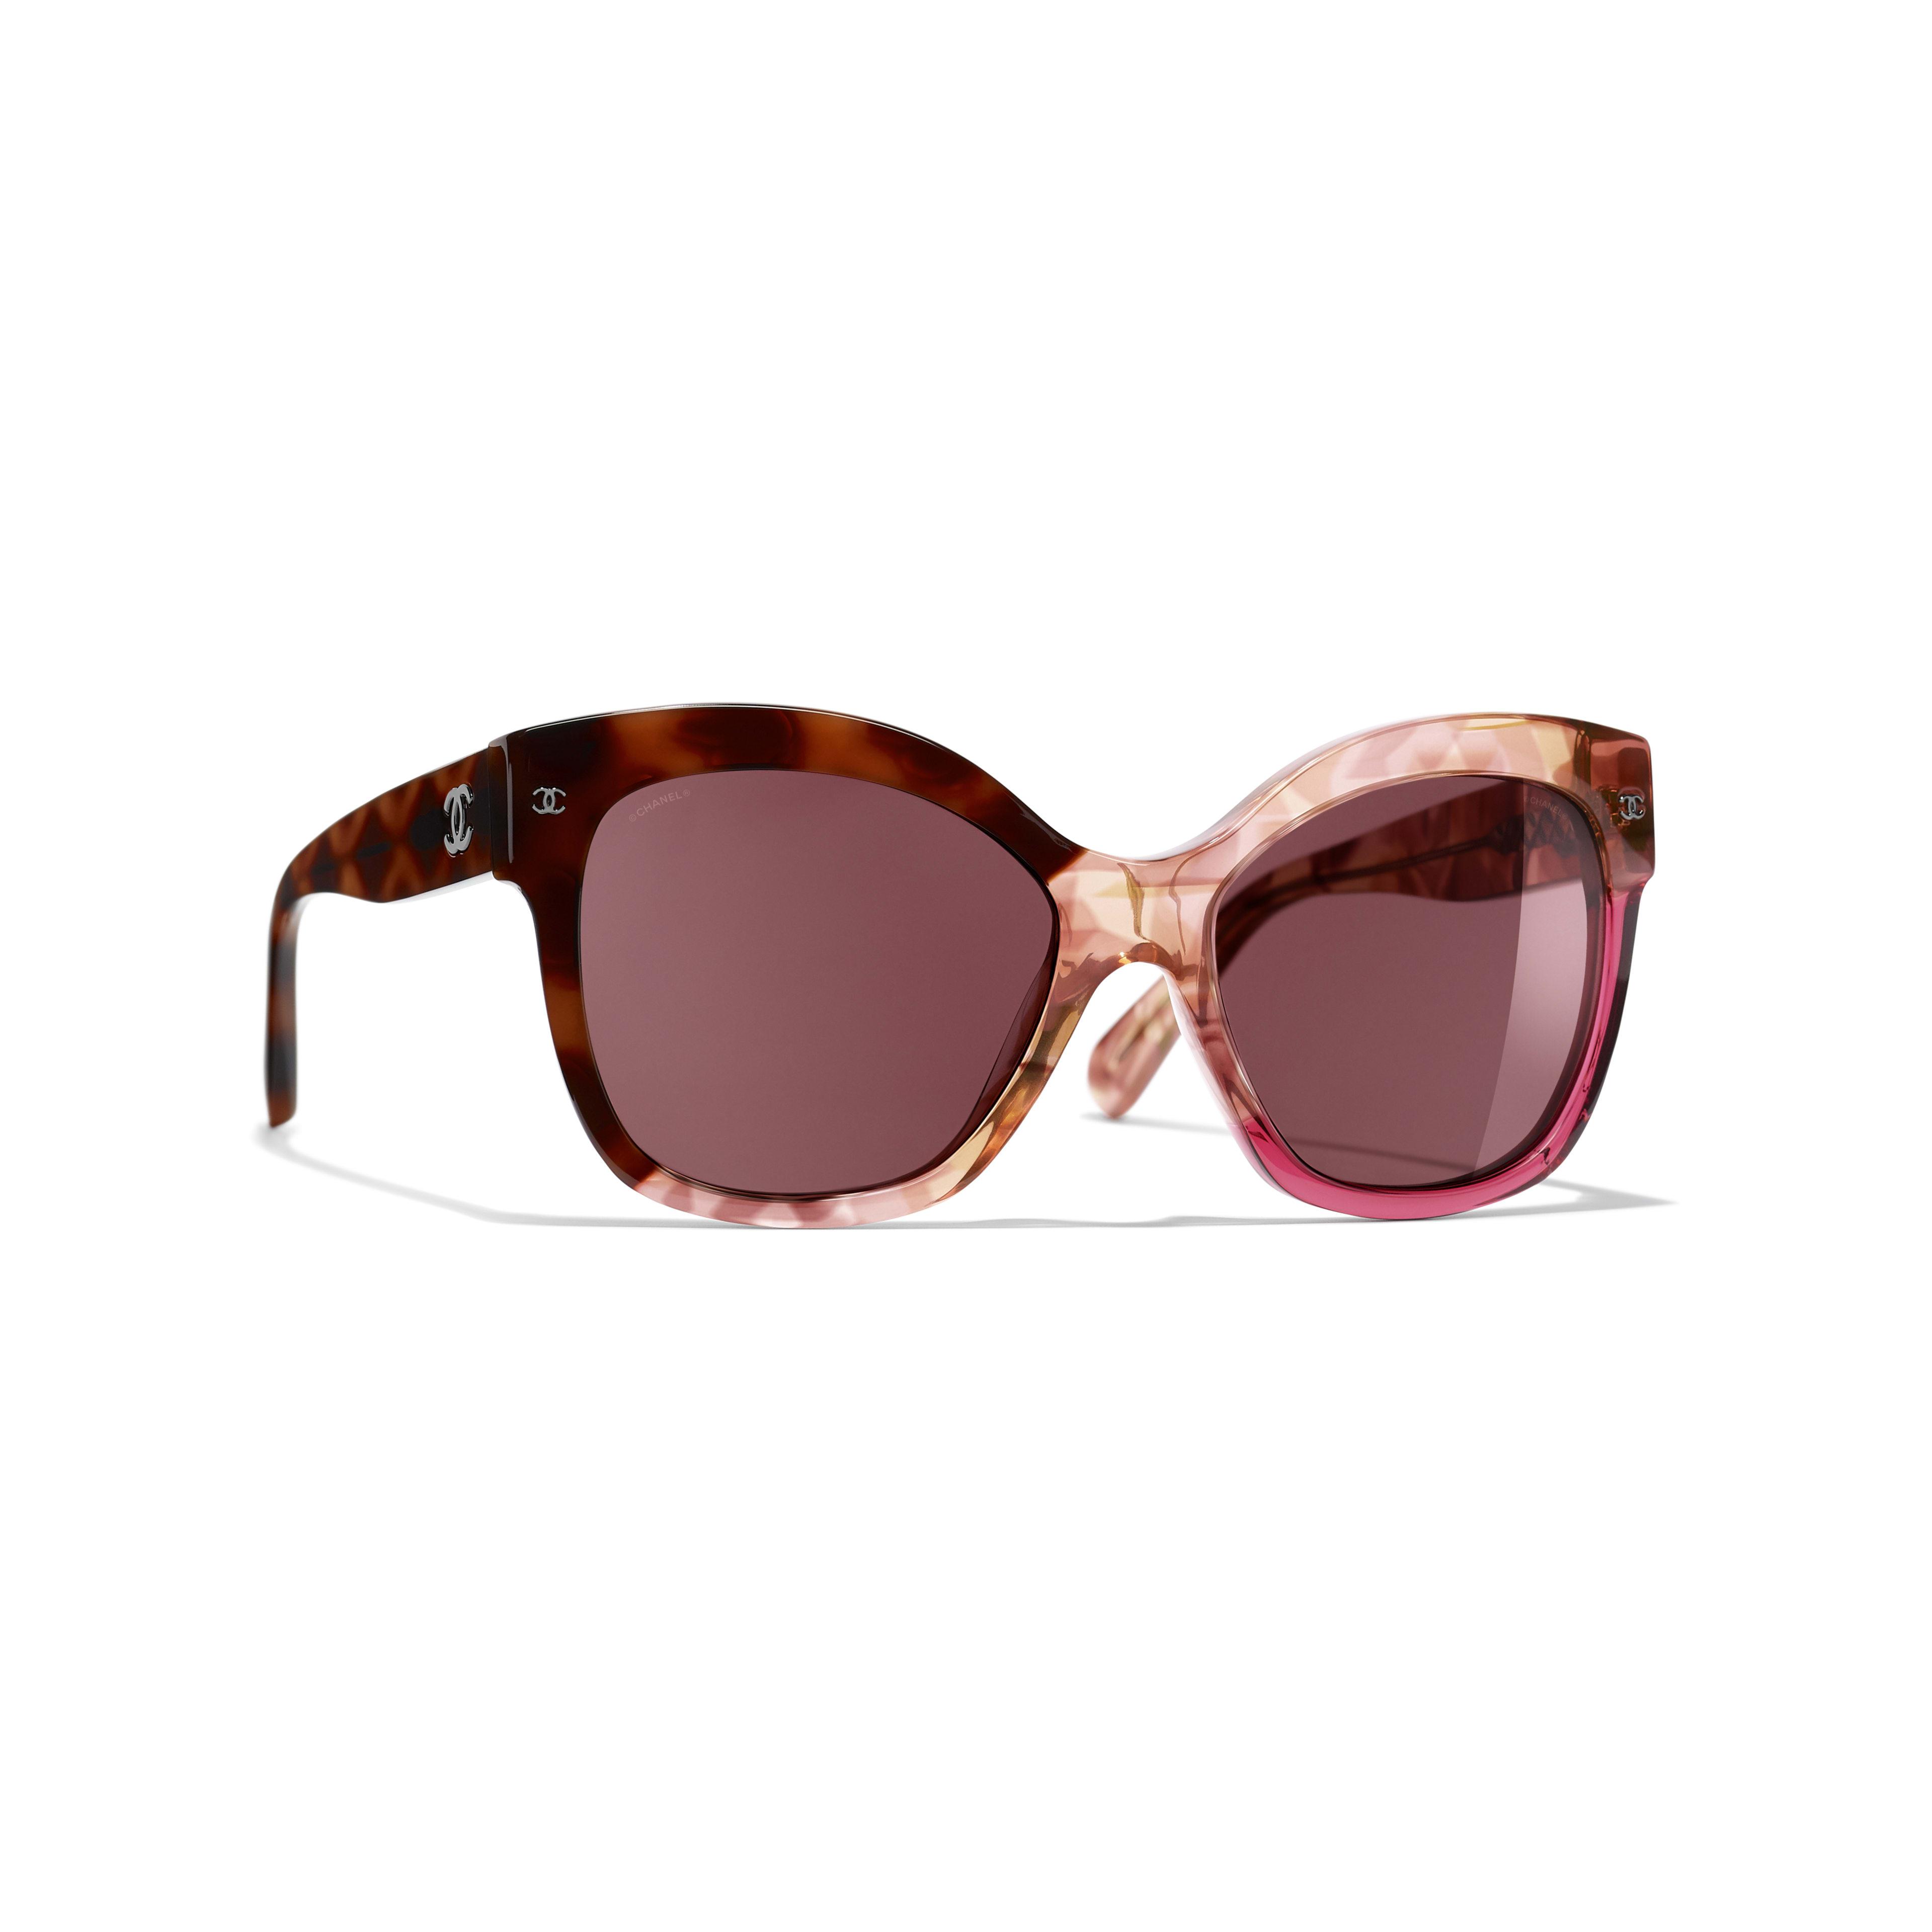 Okulary przeciwsłoneczne motyle - Kolor ciemnoszylkretowy i różowy - Acetat - Widok domyślny – zobacz w standardowym rozmiarze